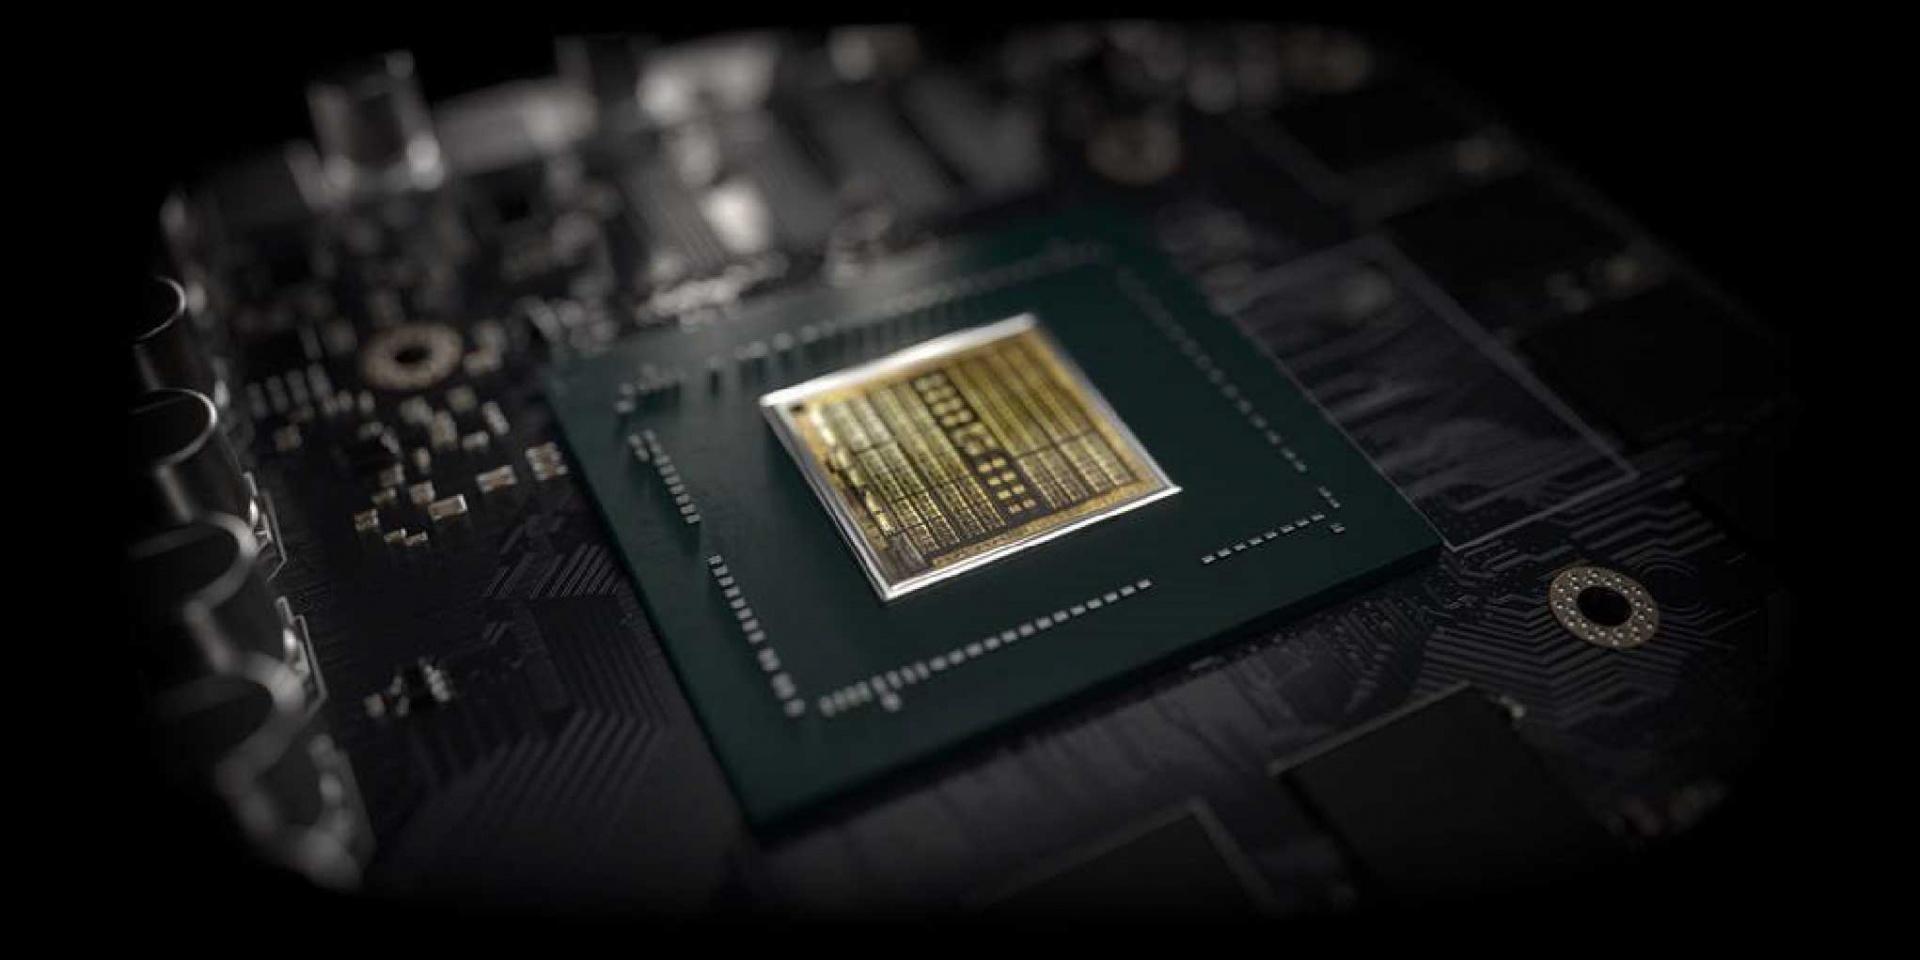 В сети появились фото, характеристики и цены видеокарт GeForce GTX 1660 Super